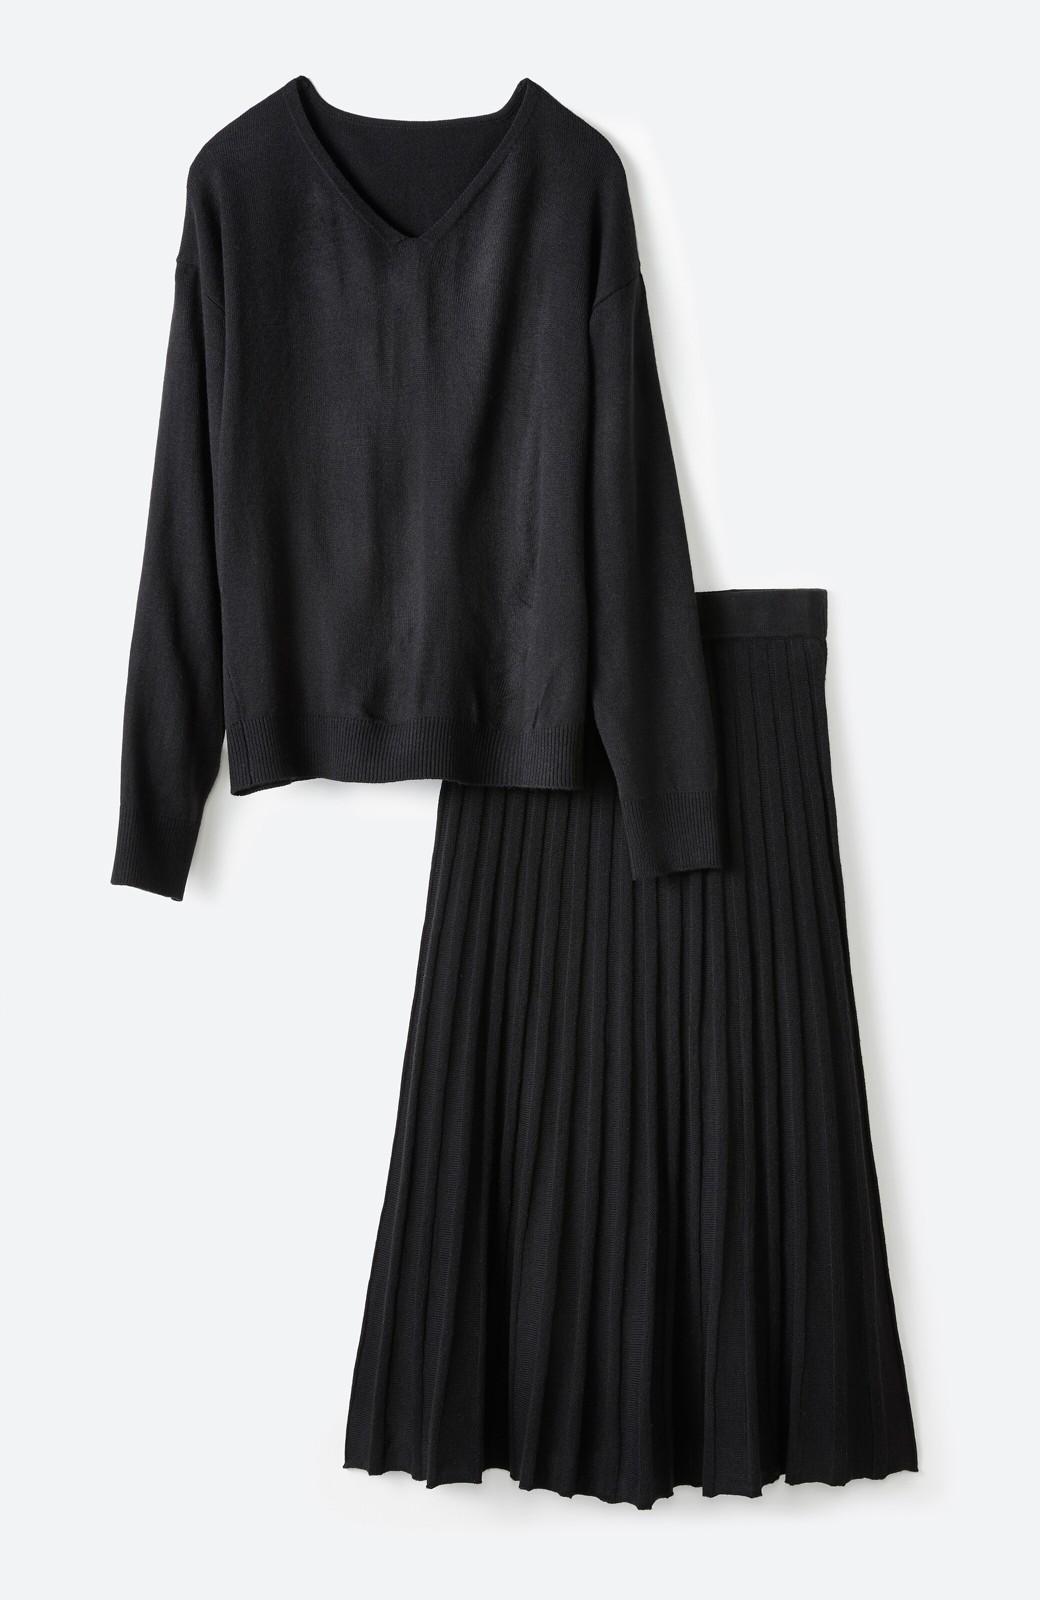 haco! 寝坊した朝でも安心!パッと着るだけでコーデが完成する女っぽニットアップ <ブラック>の商品写真1